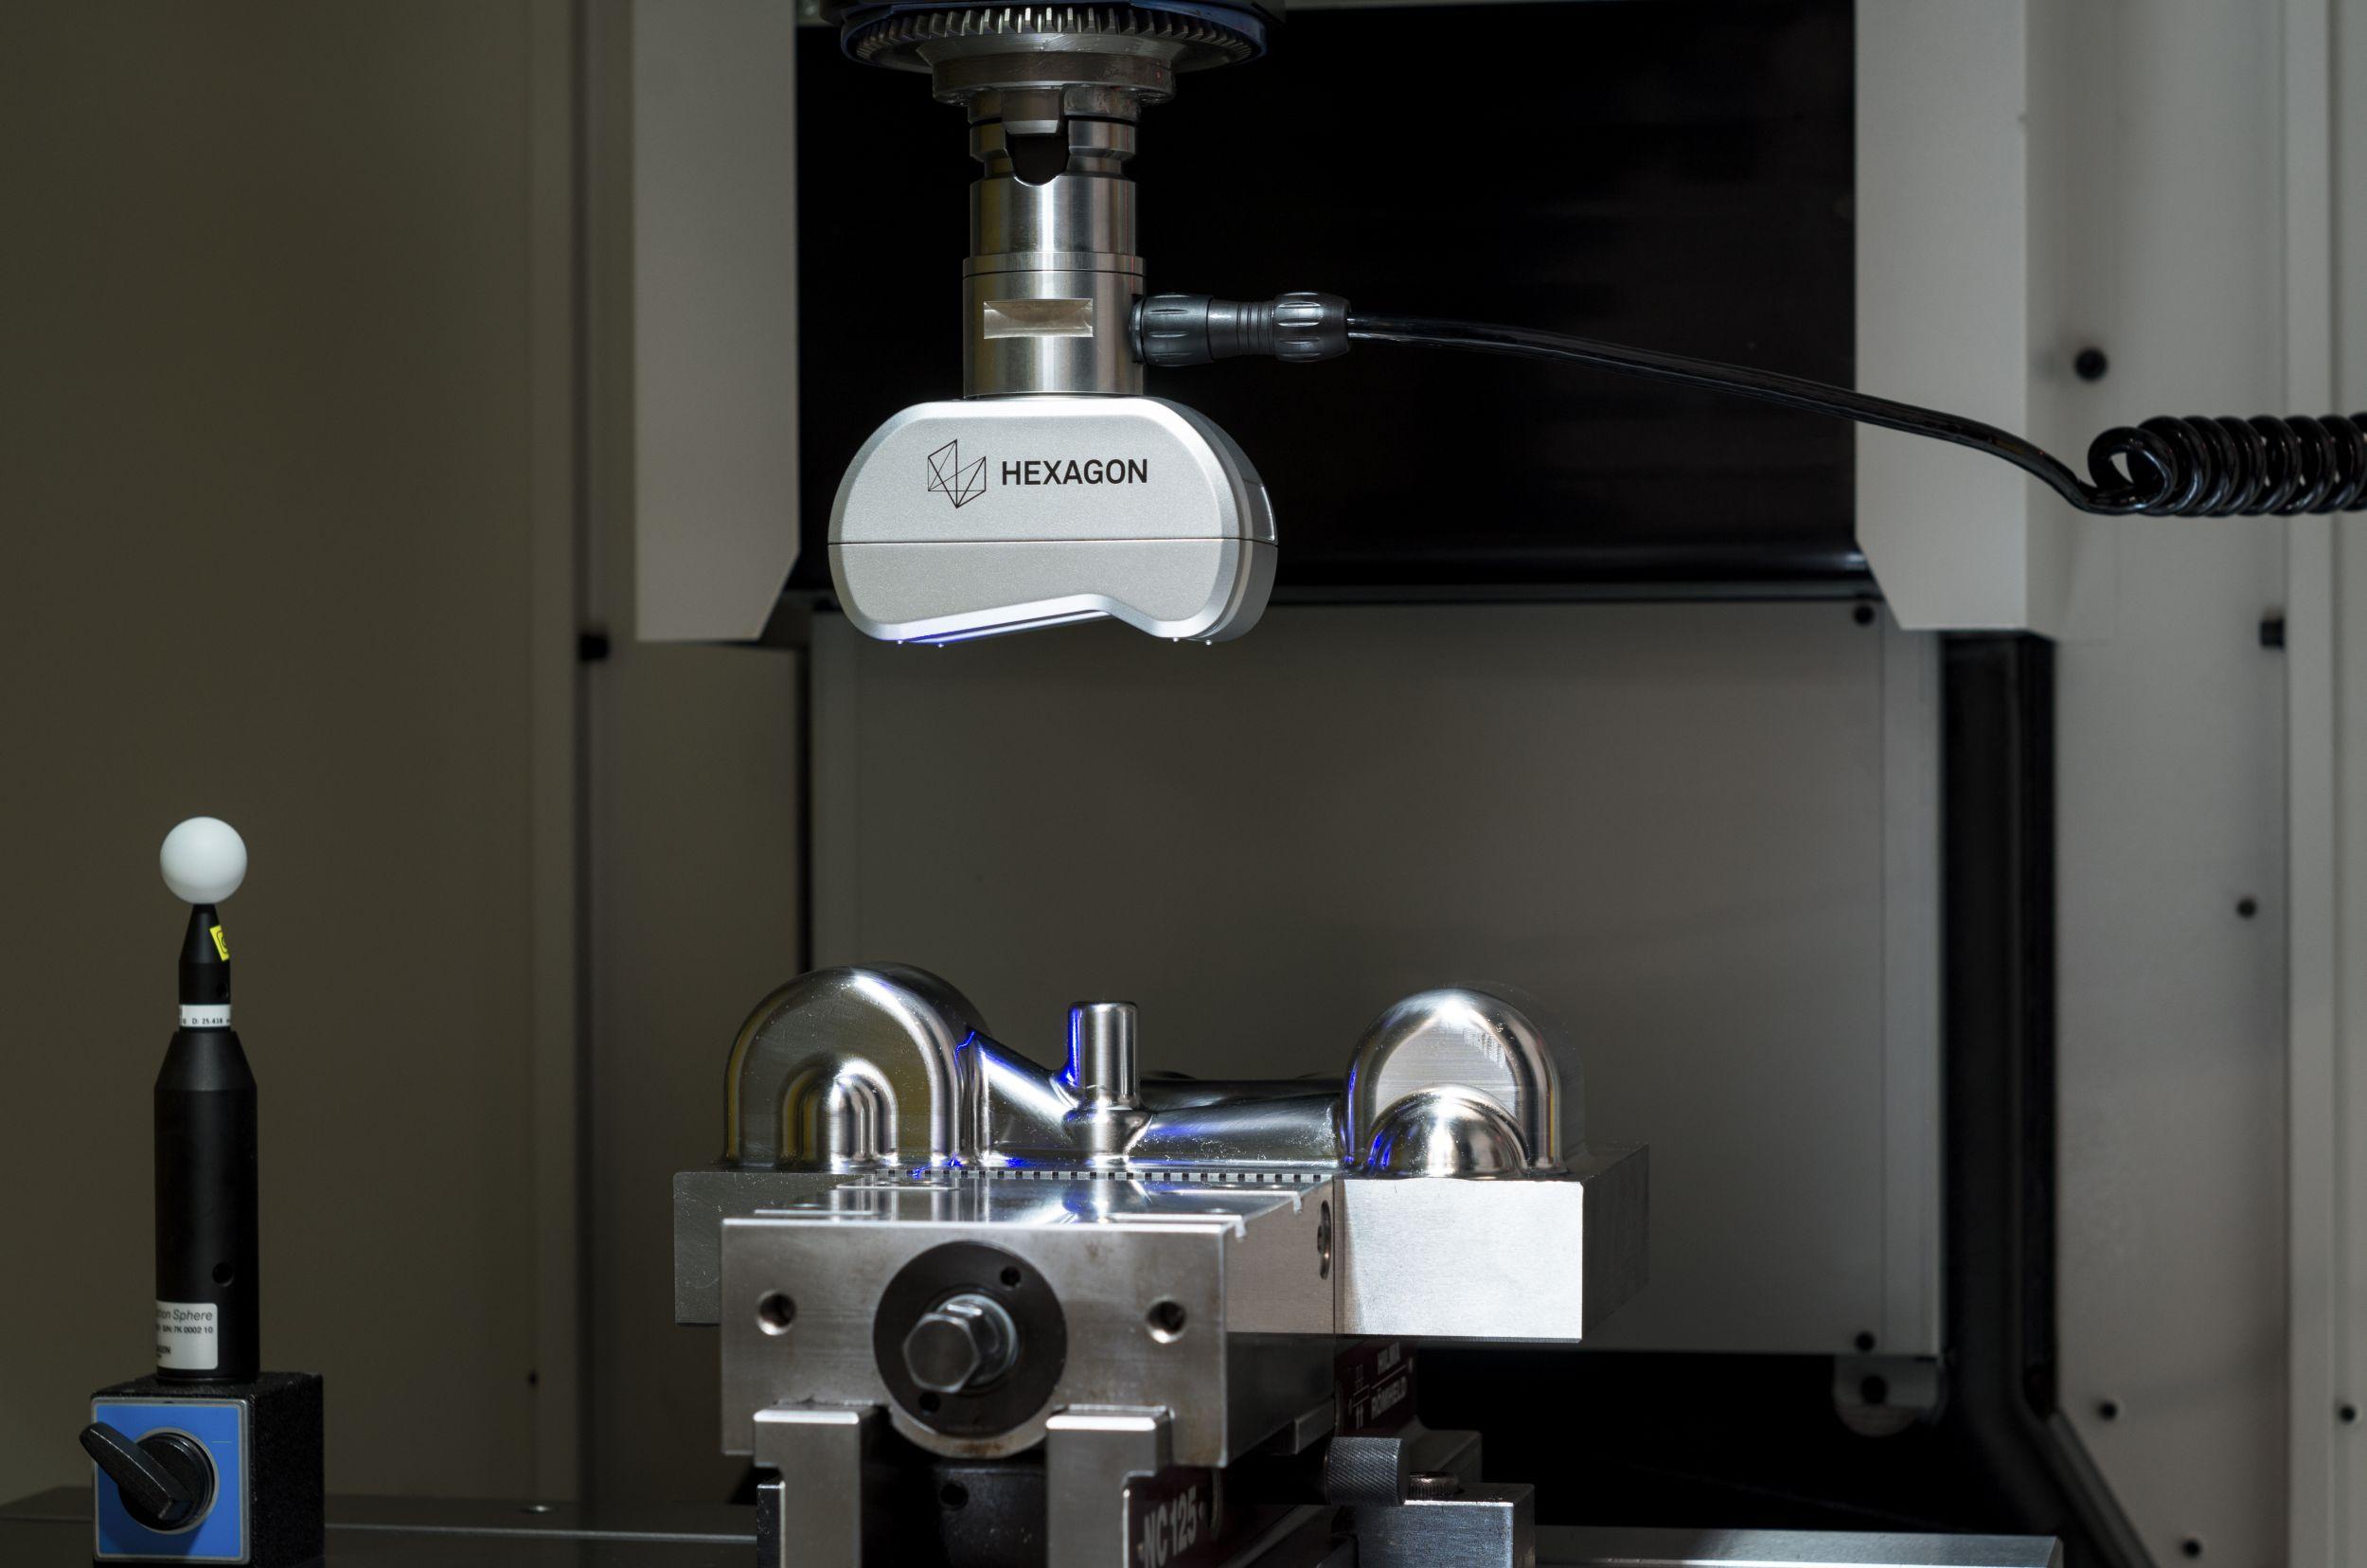 Bild 1 | Der Laserscanner LS-C-5.8 bringt Lasertechnik in die Werkzeugmaschine. Er verfügt über einen blauen Laser, der innerhalb einer Sekunde 36.000 Punkte scannen kann. (Bild: Hexagon Metrology GmbH)